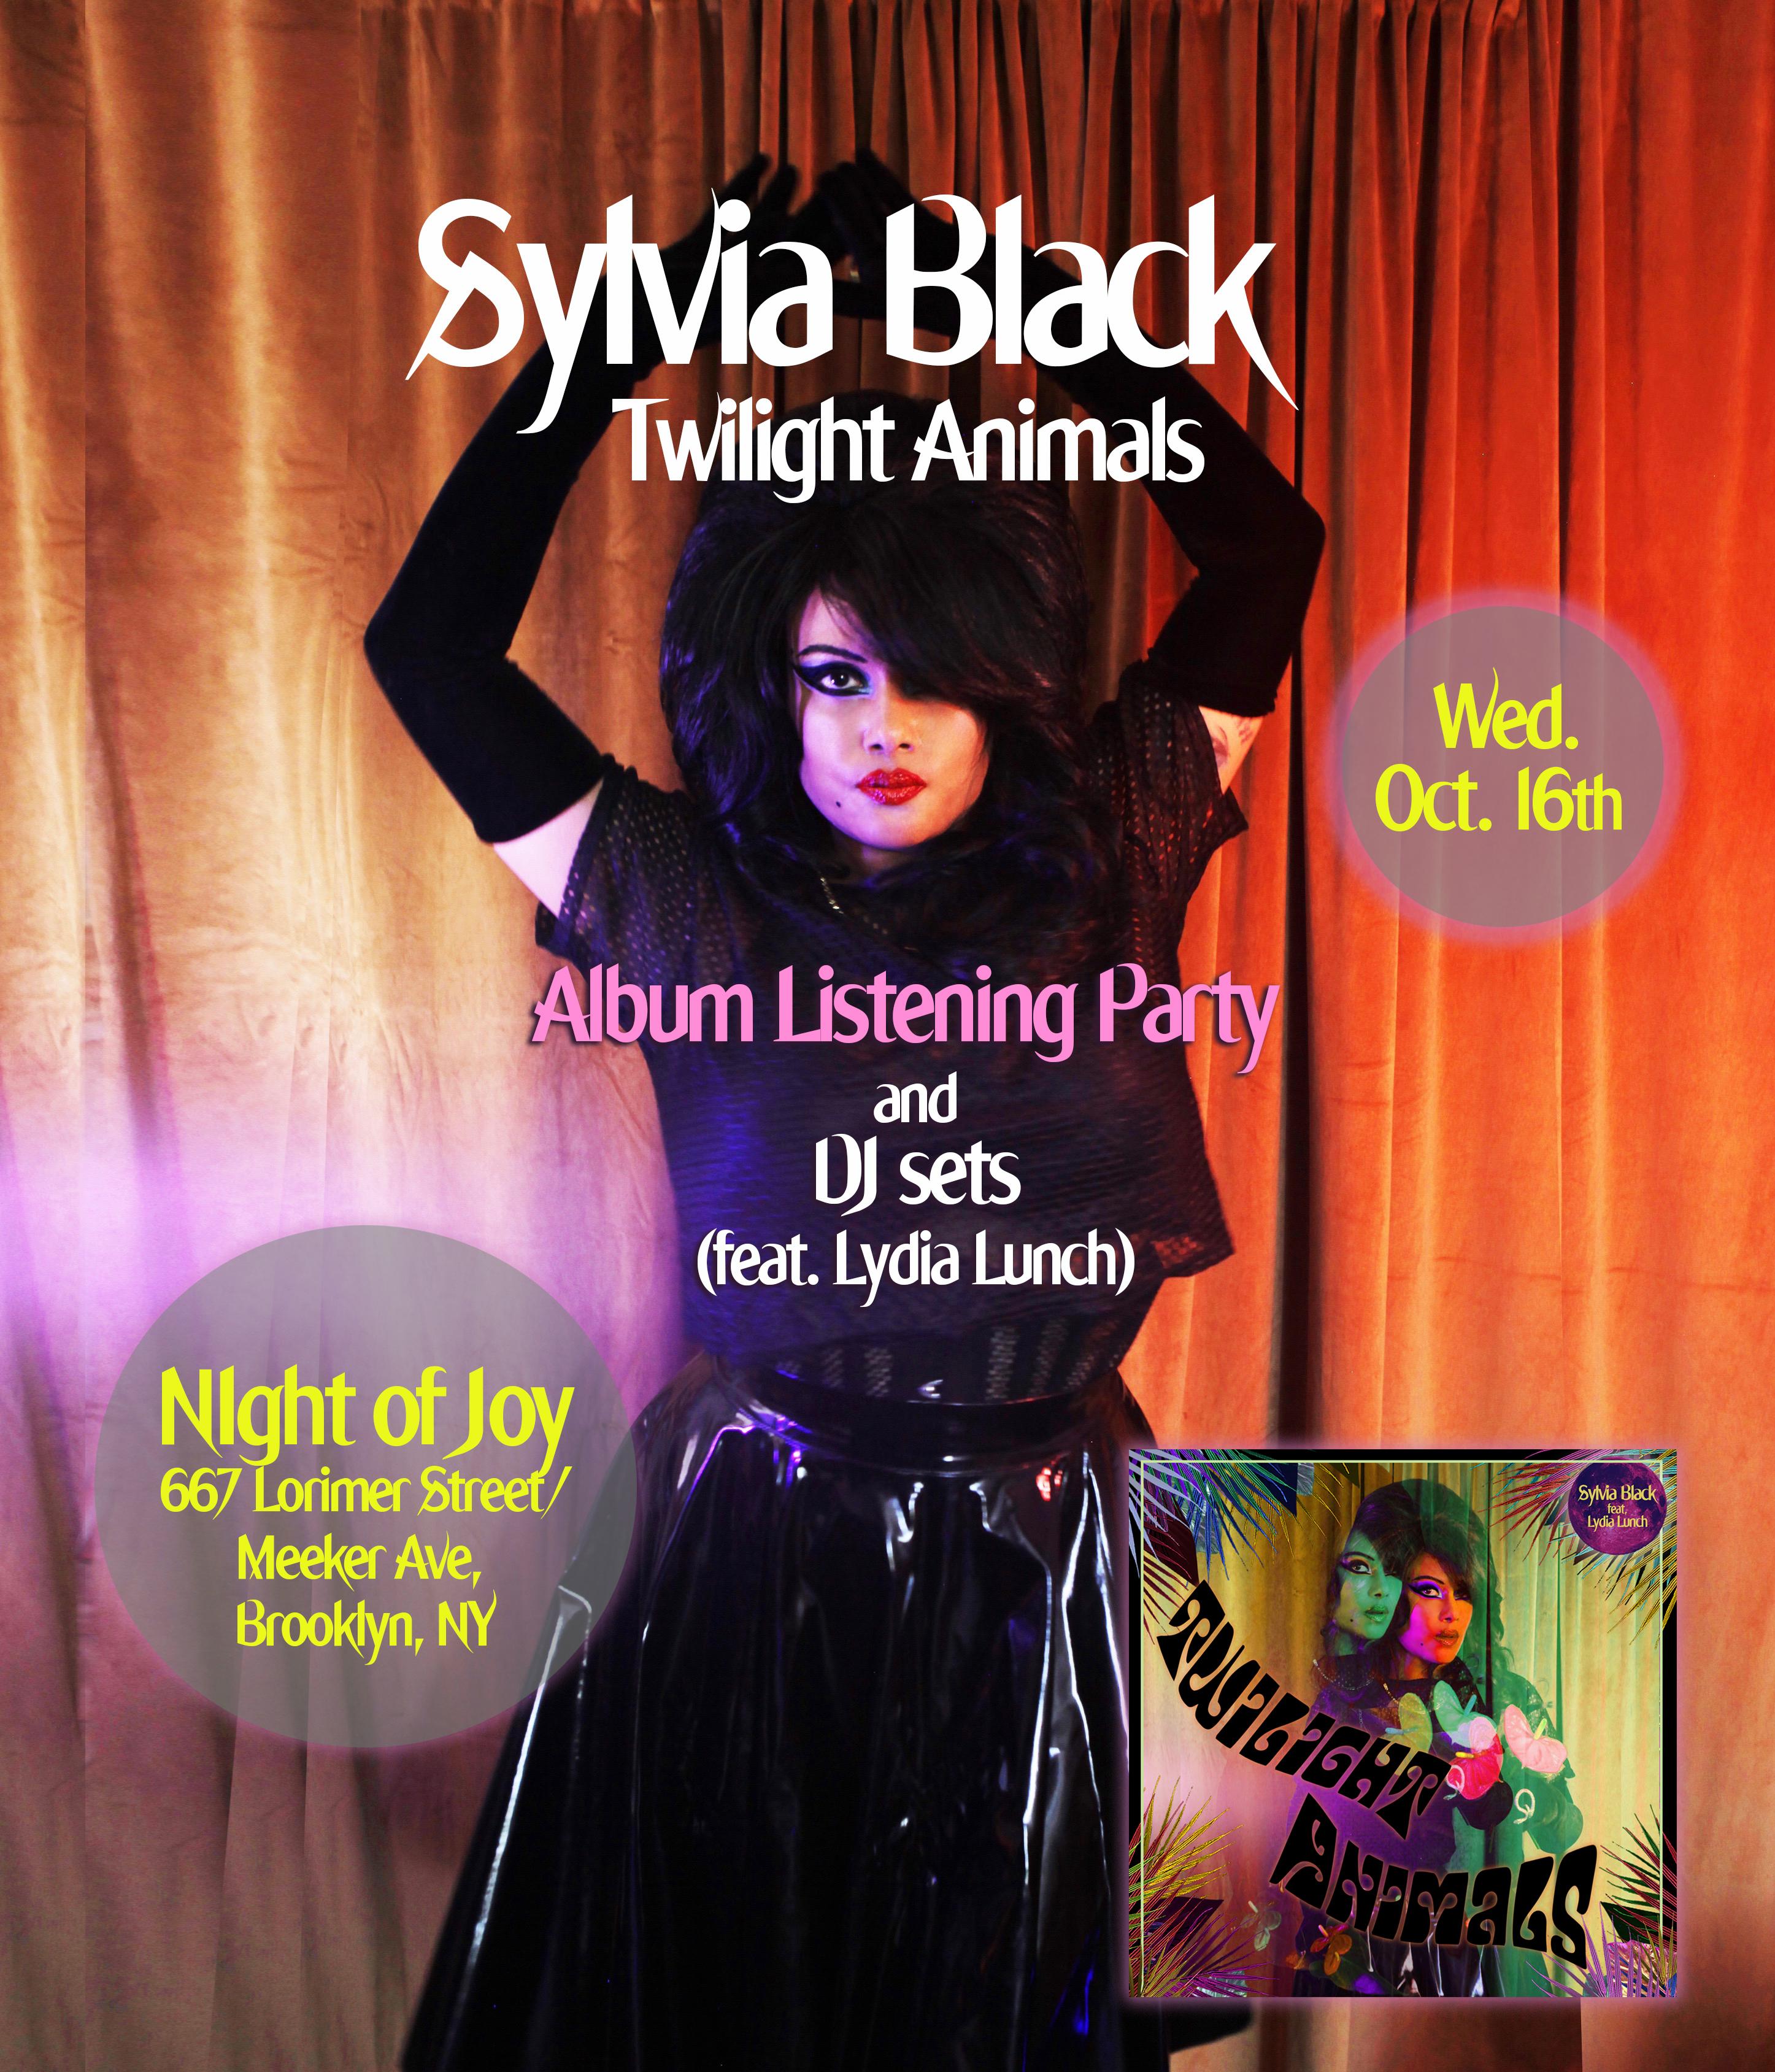 SB night of joy flyer